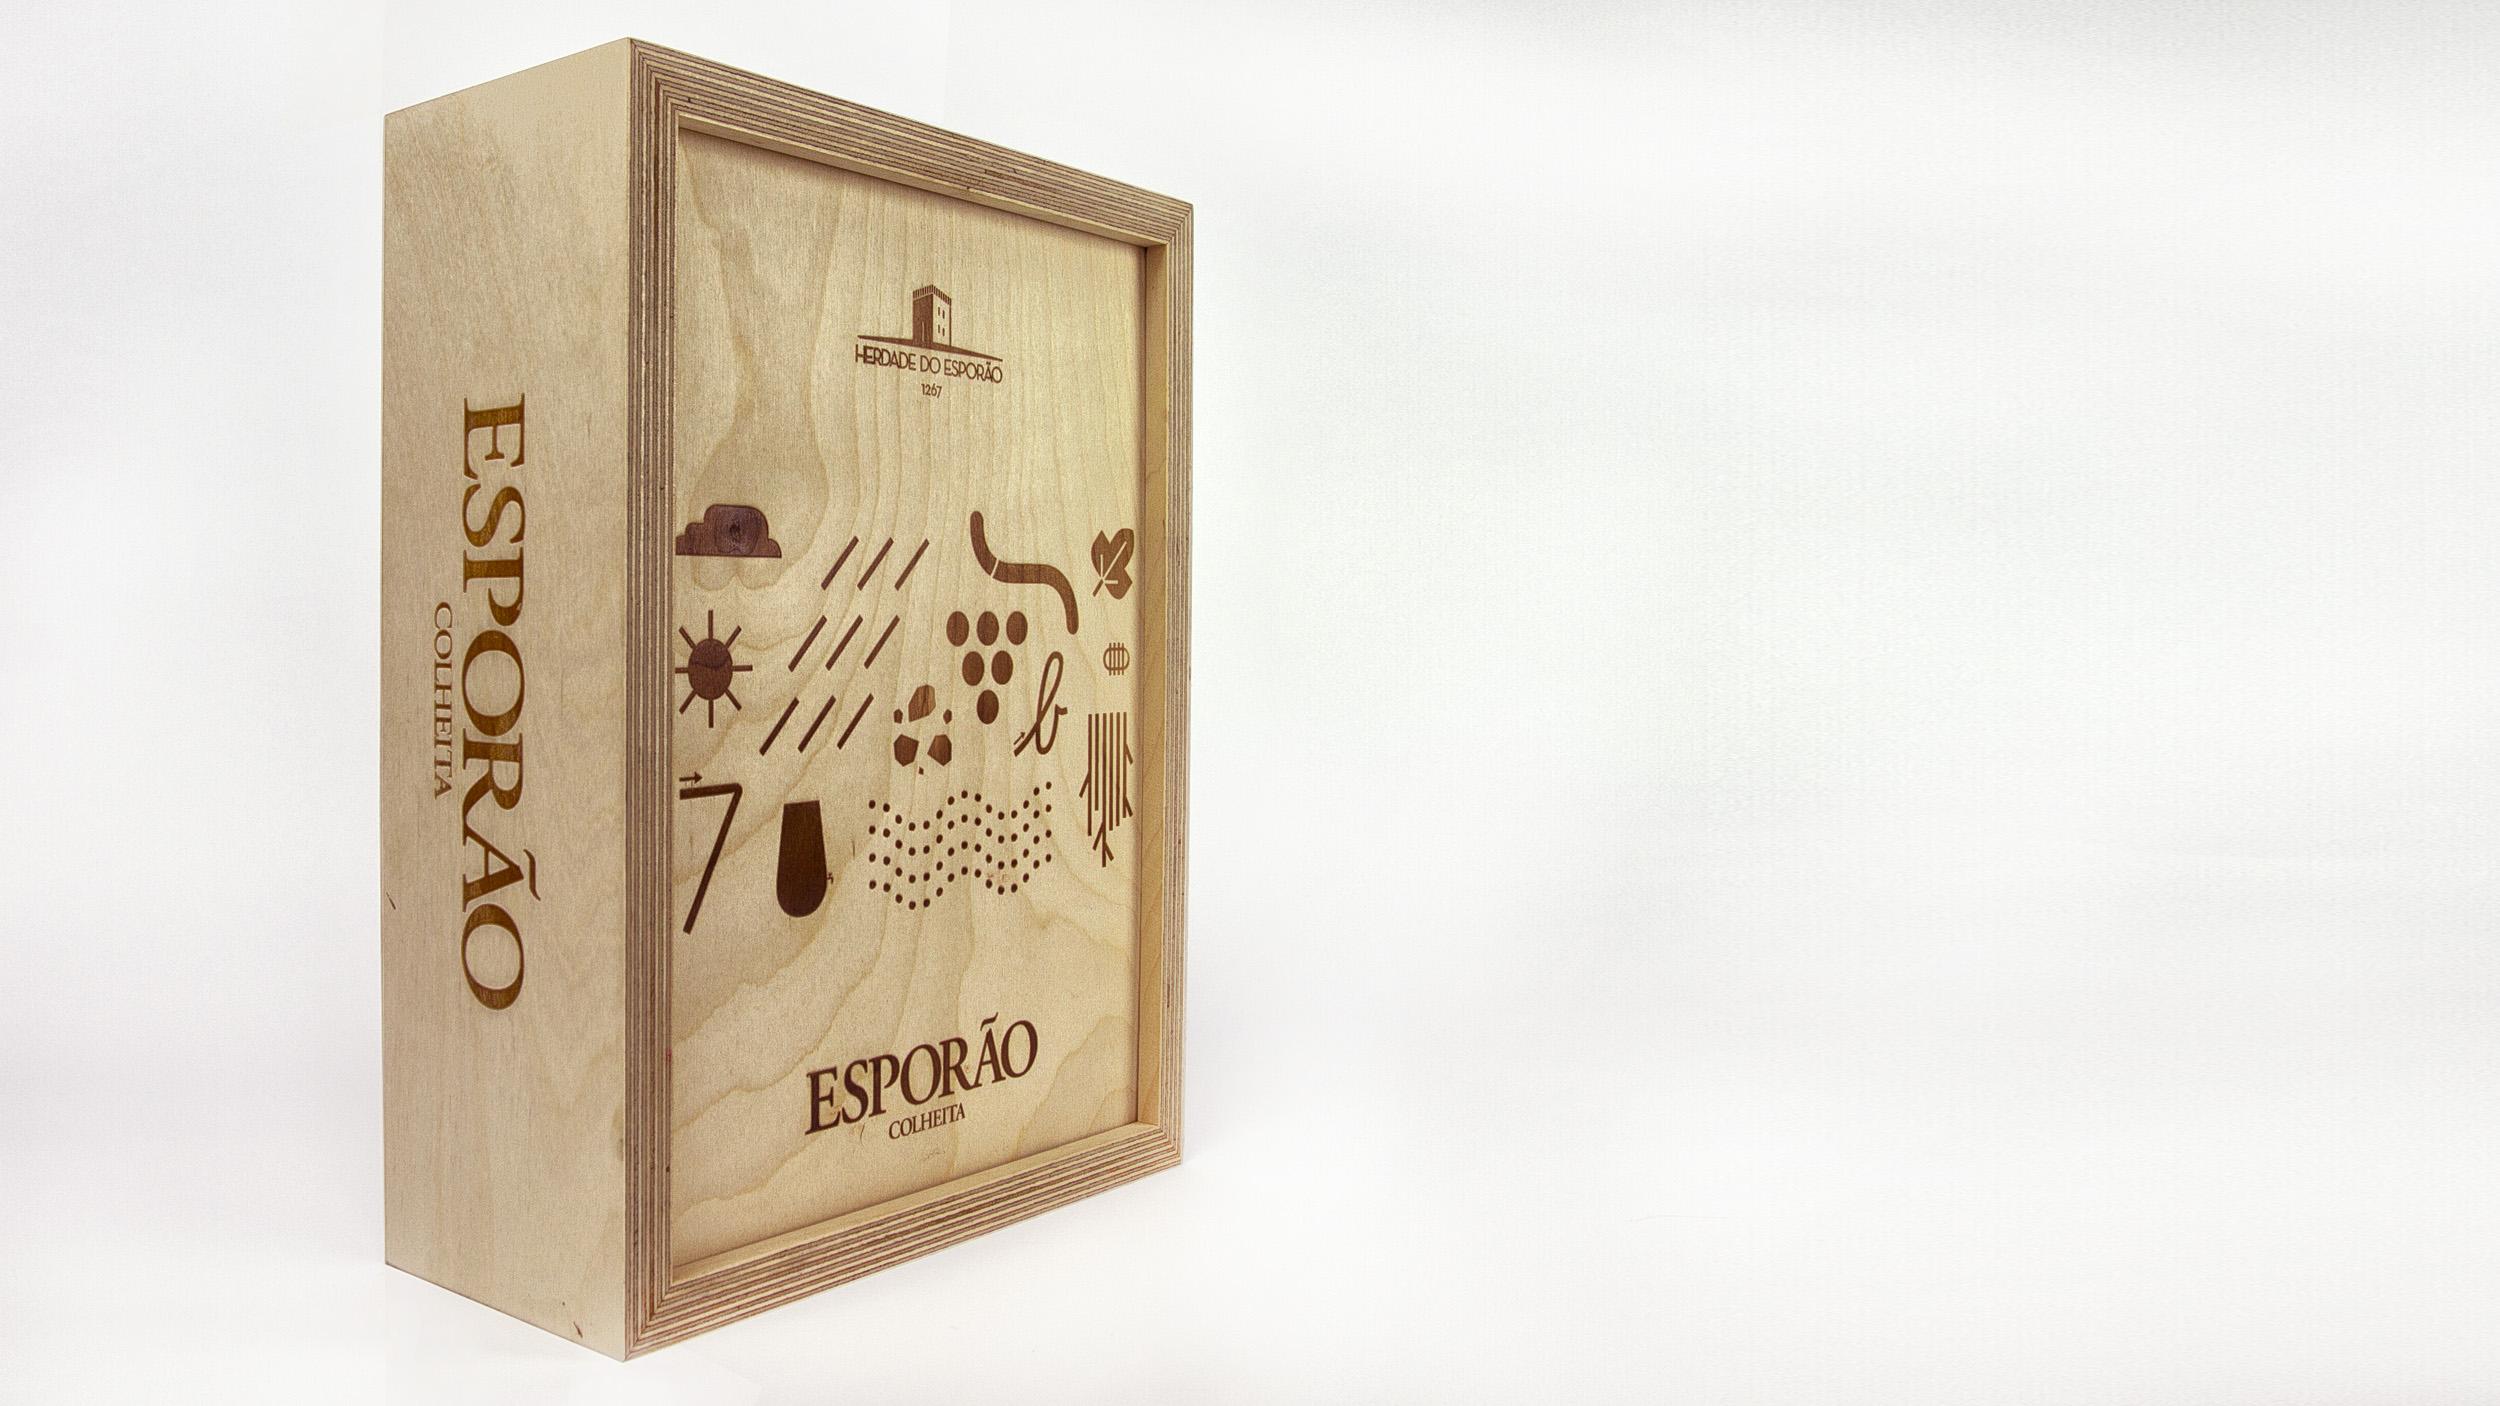 Caixa de Madeira do Esporão